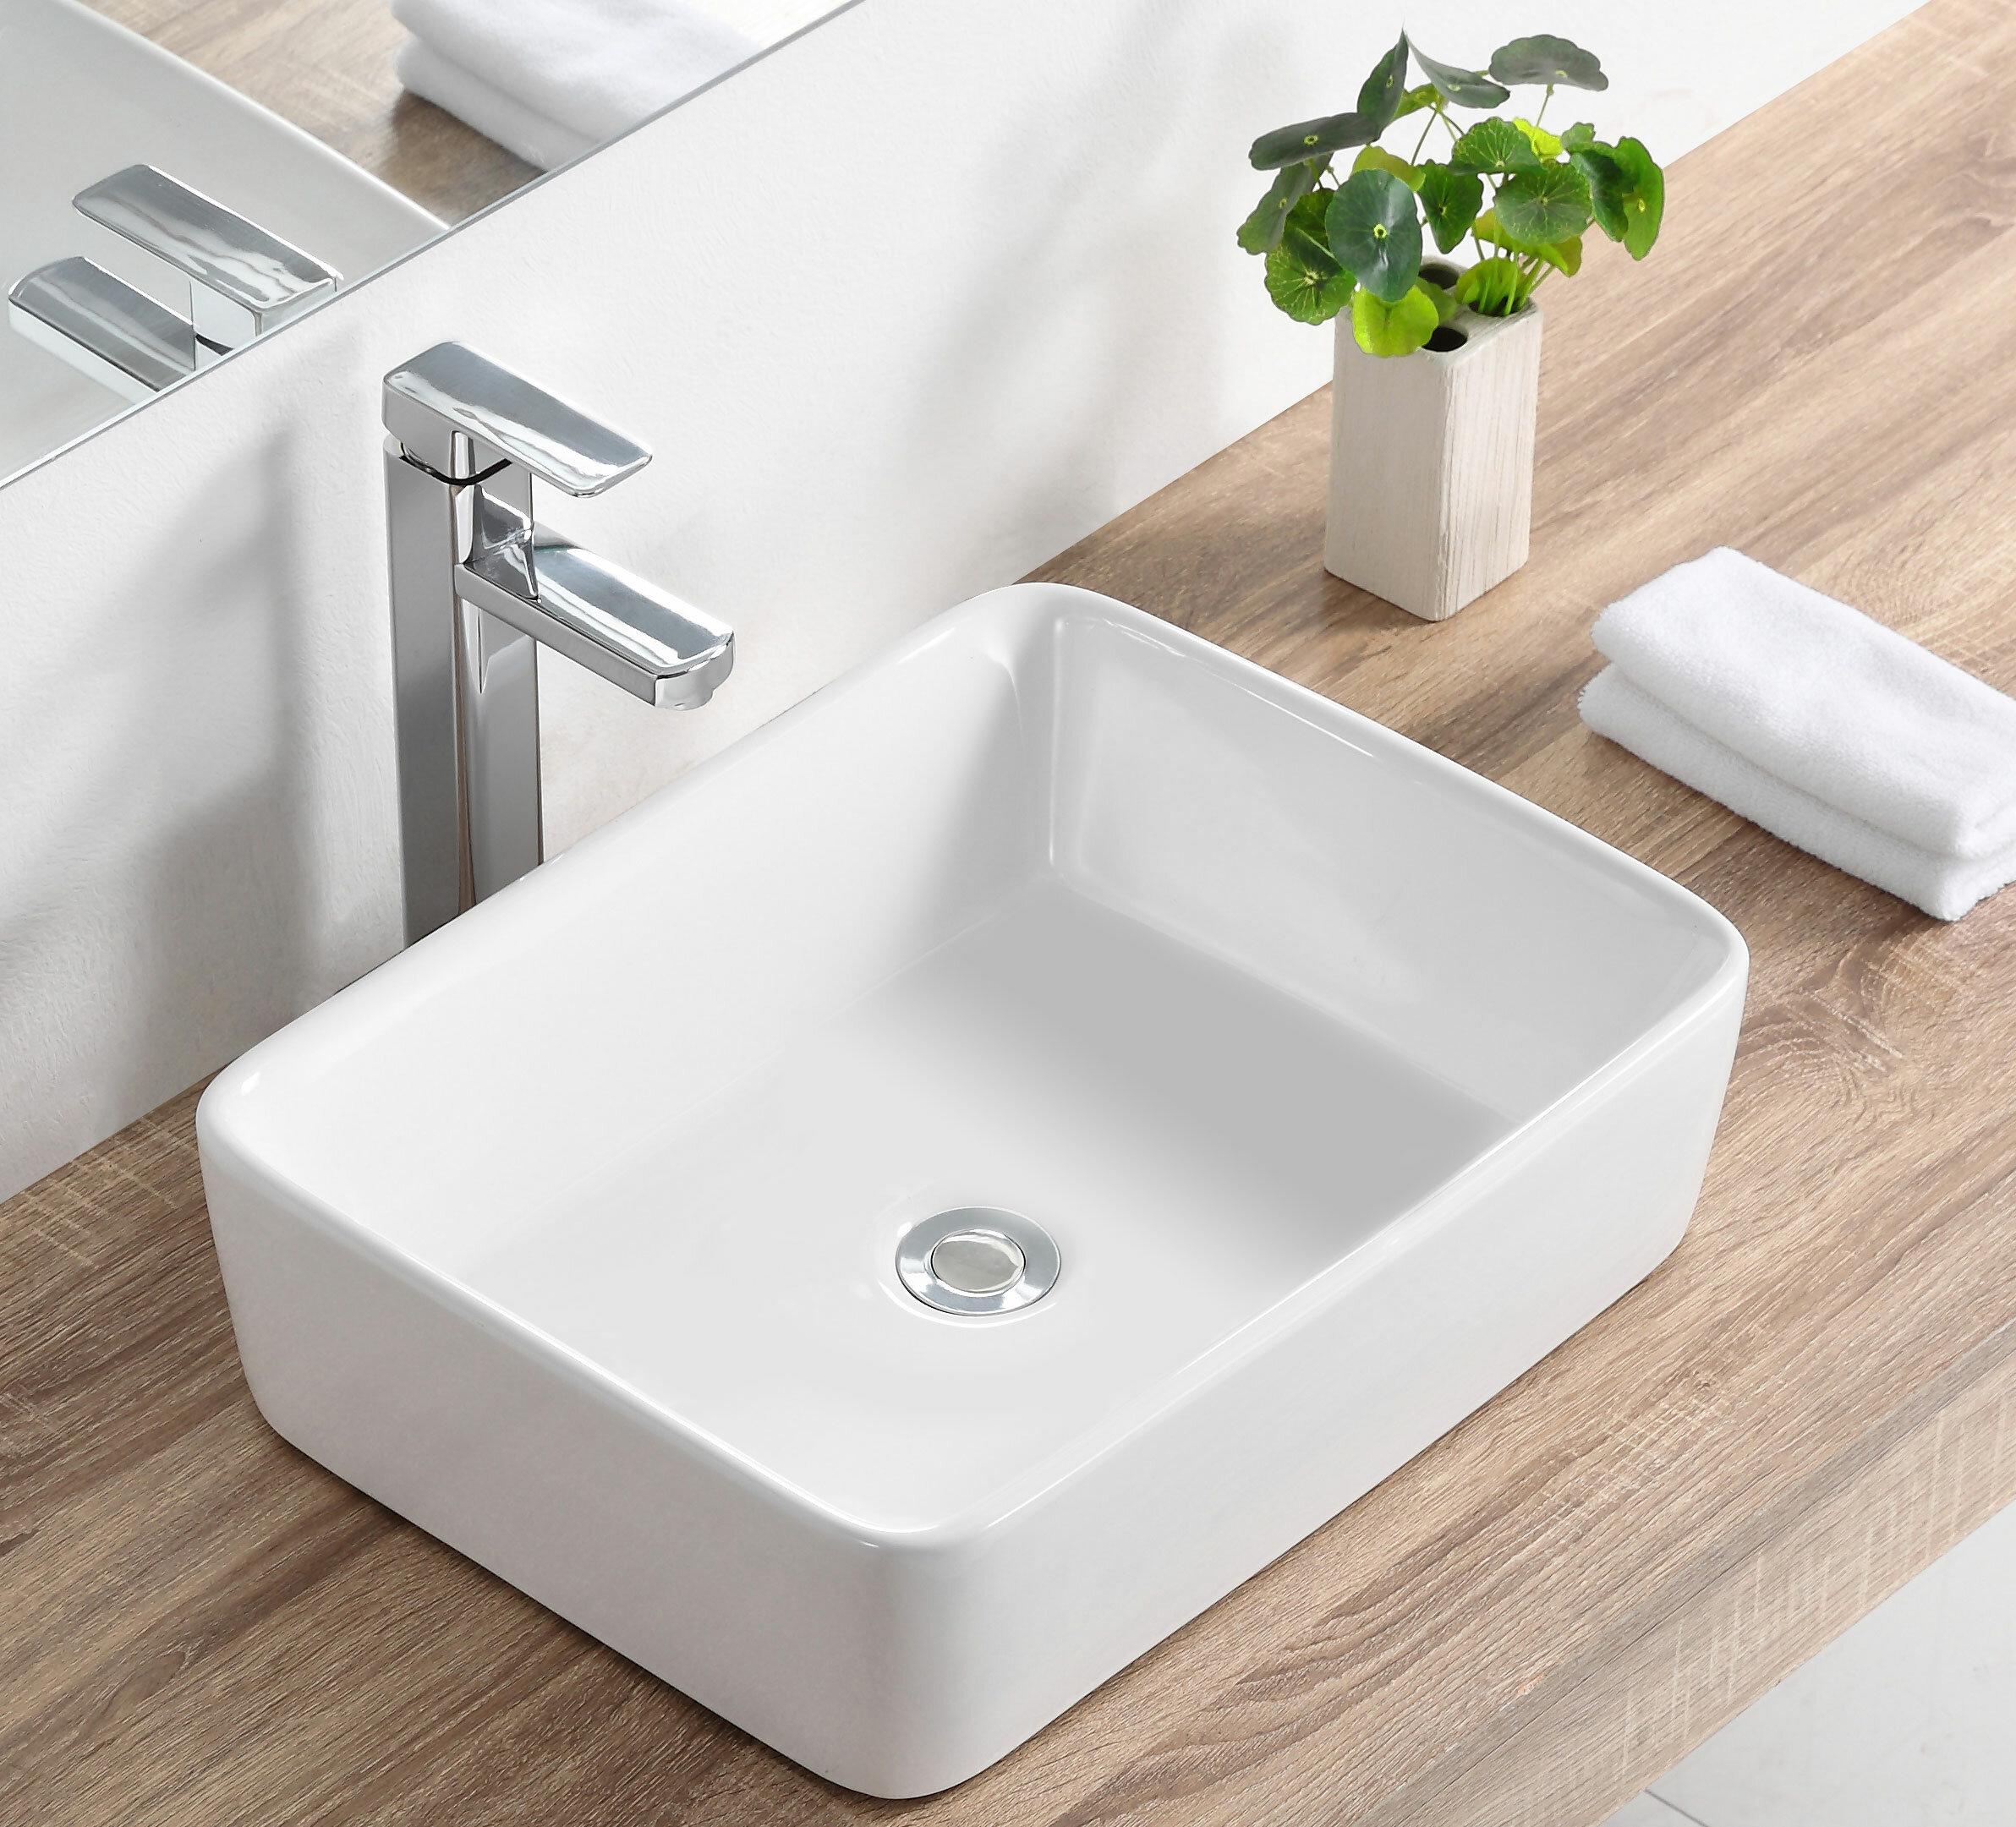 Deervalley White Ceramic Rectangular Vessel Bathroom Sink Reviews Wayfair